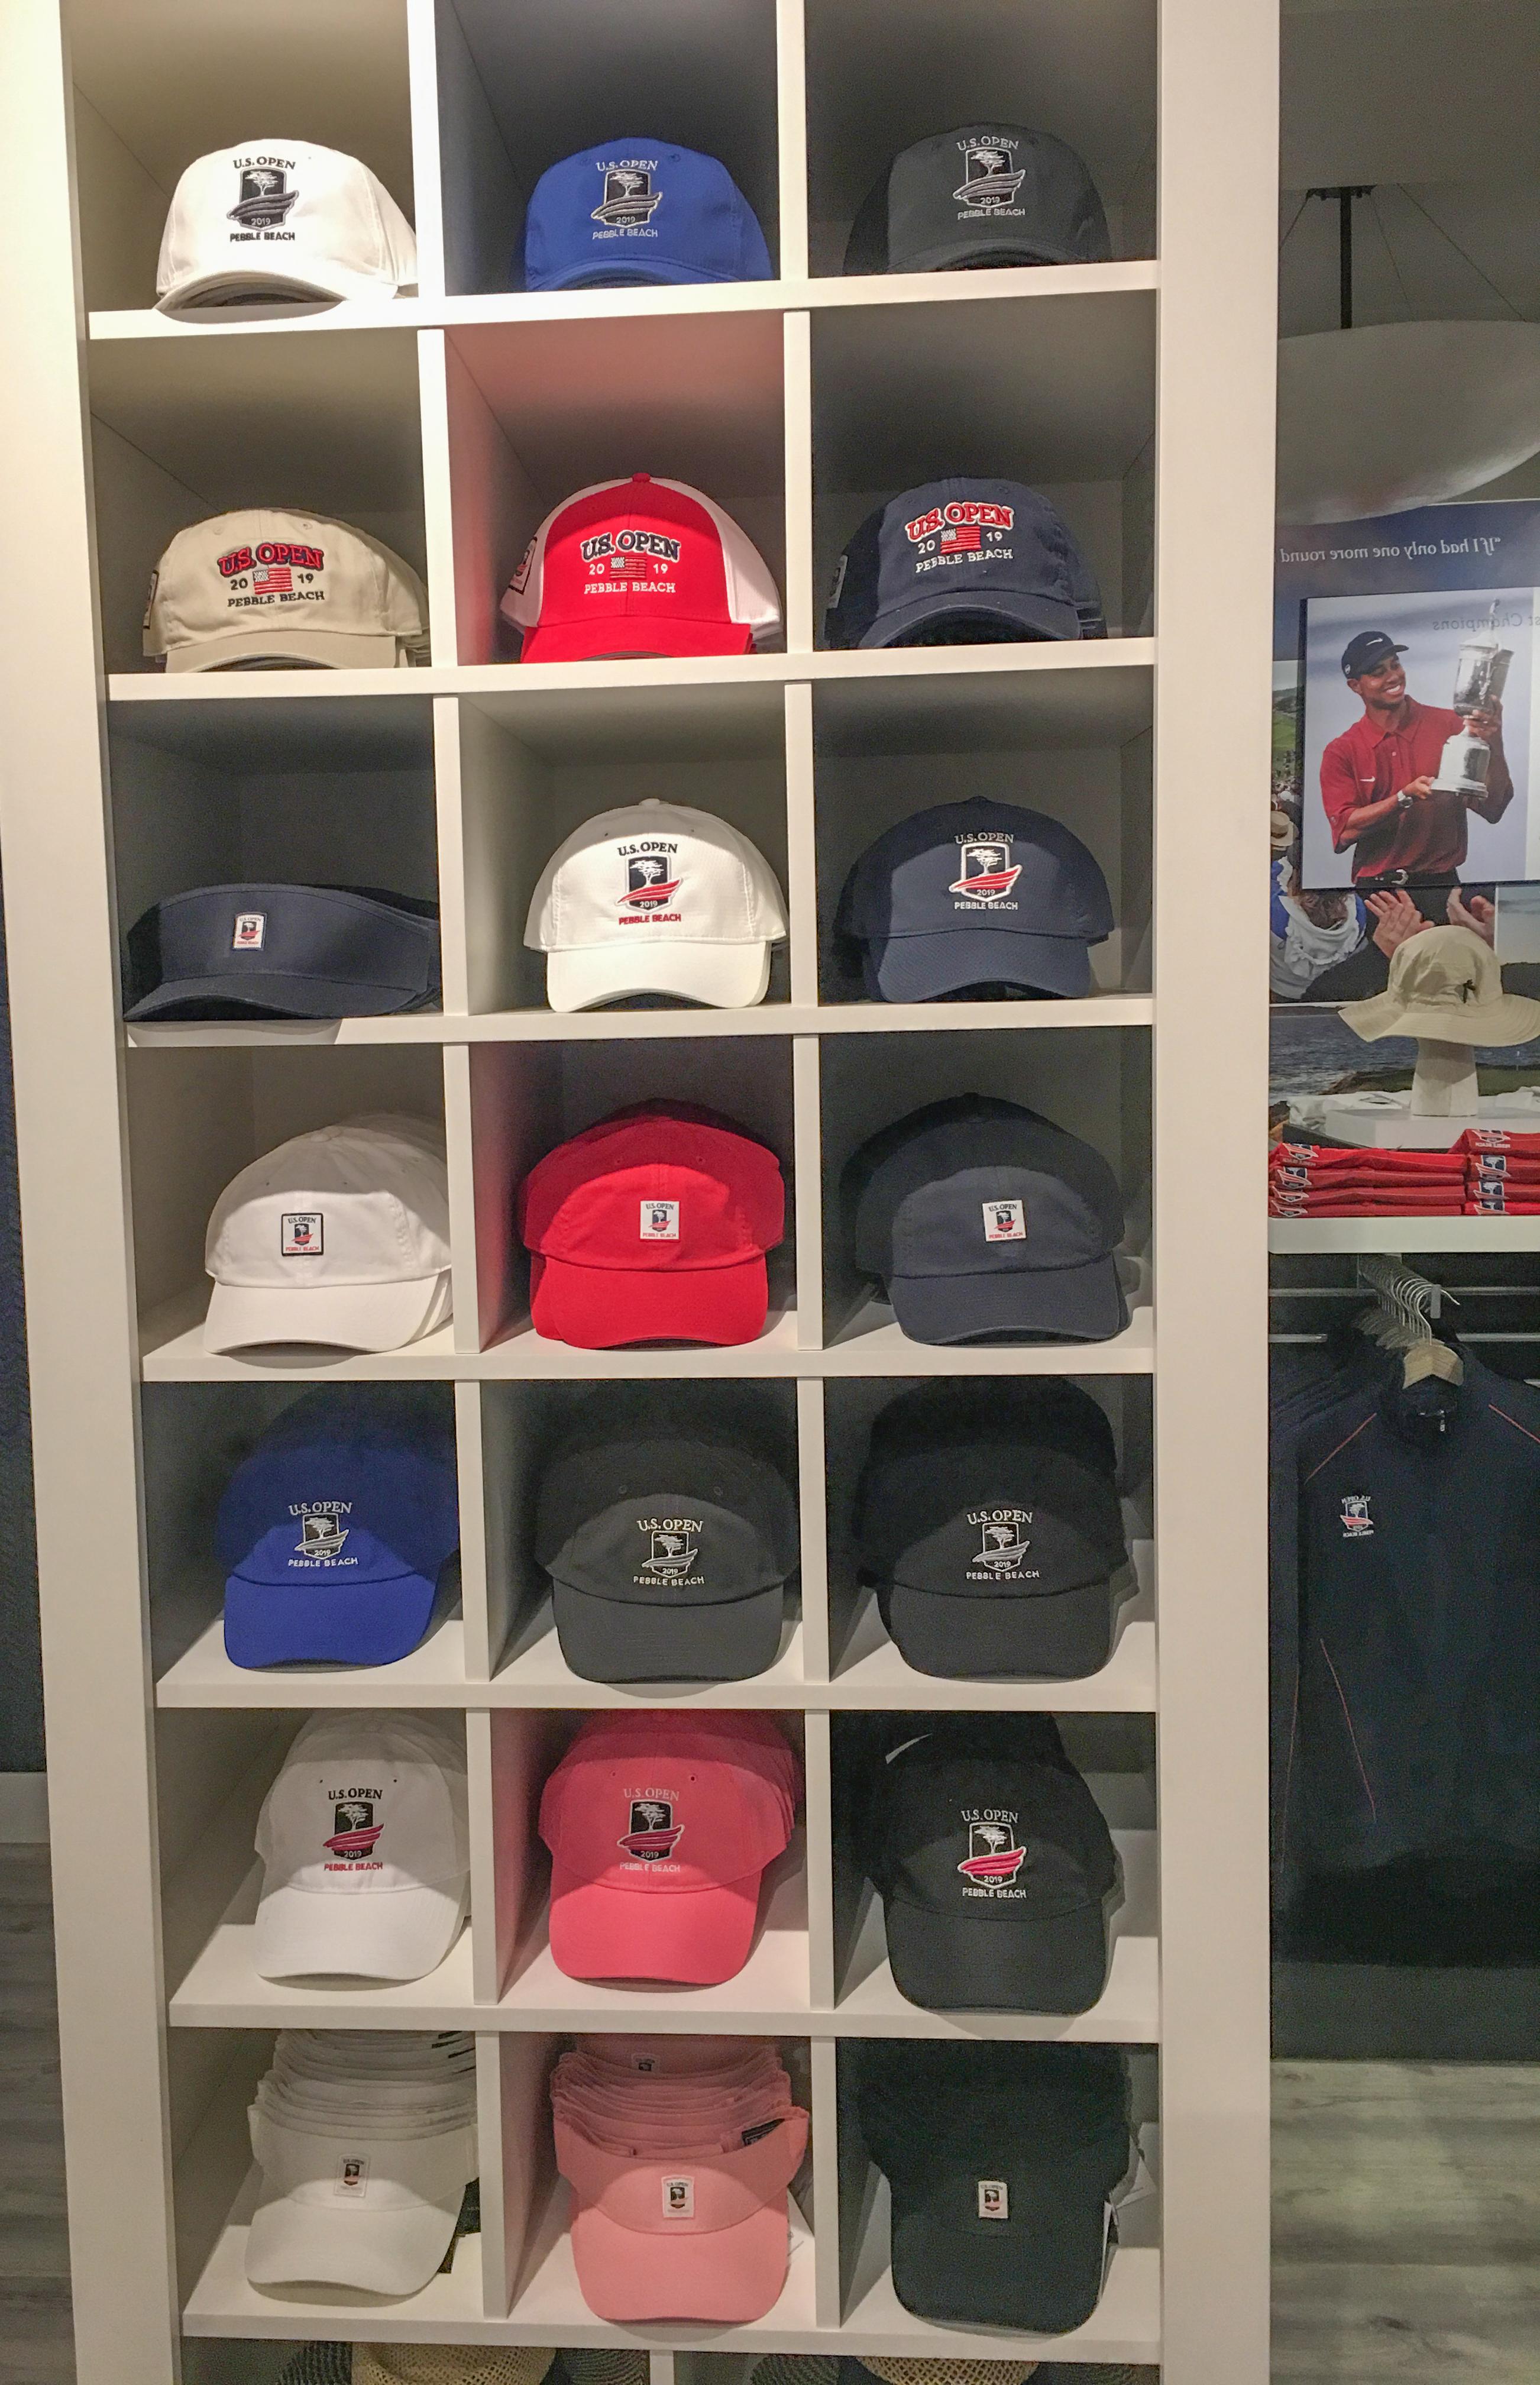 U.S. Open Hats